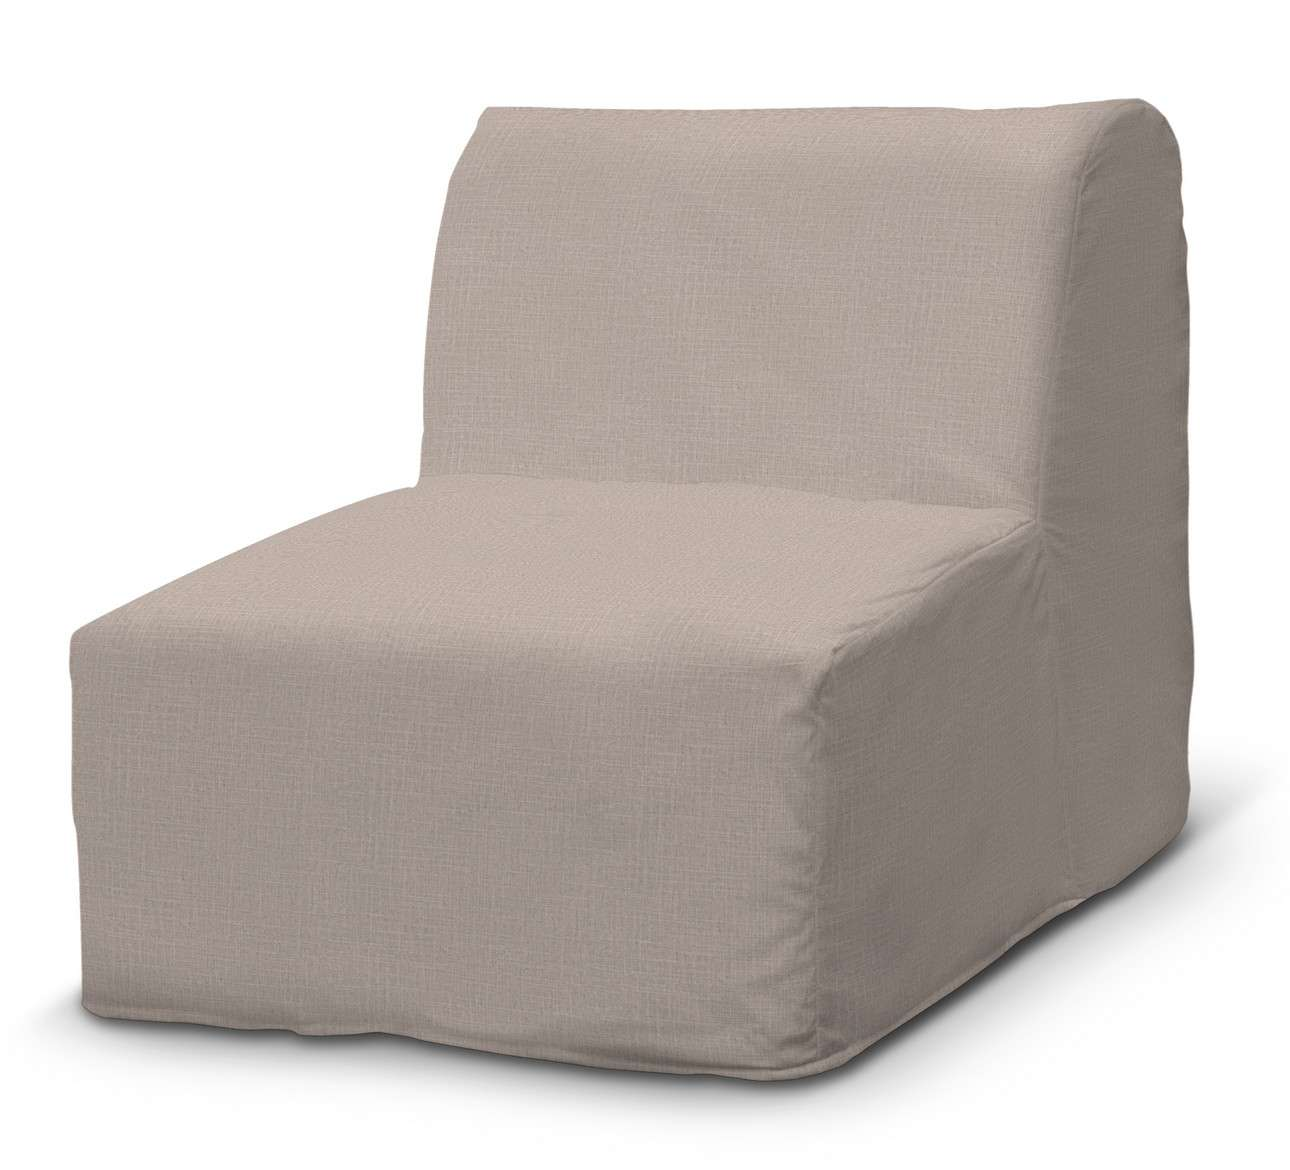 Pokrowiec na fotel Lycksele prosty w kolekcji Living II, tkanina: 160-85